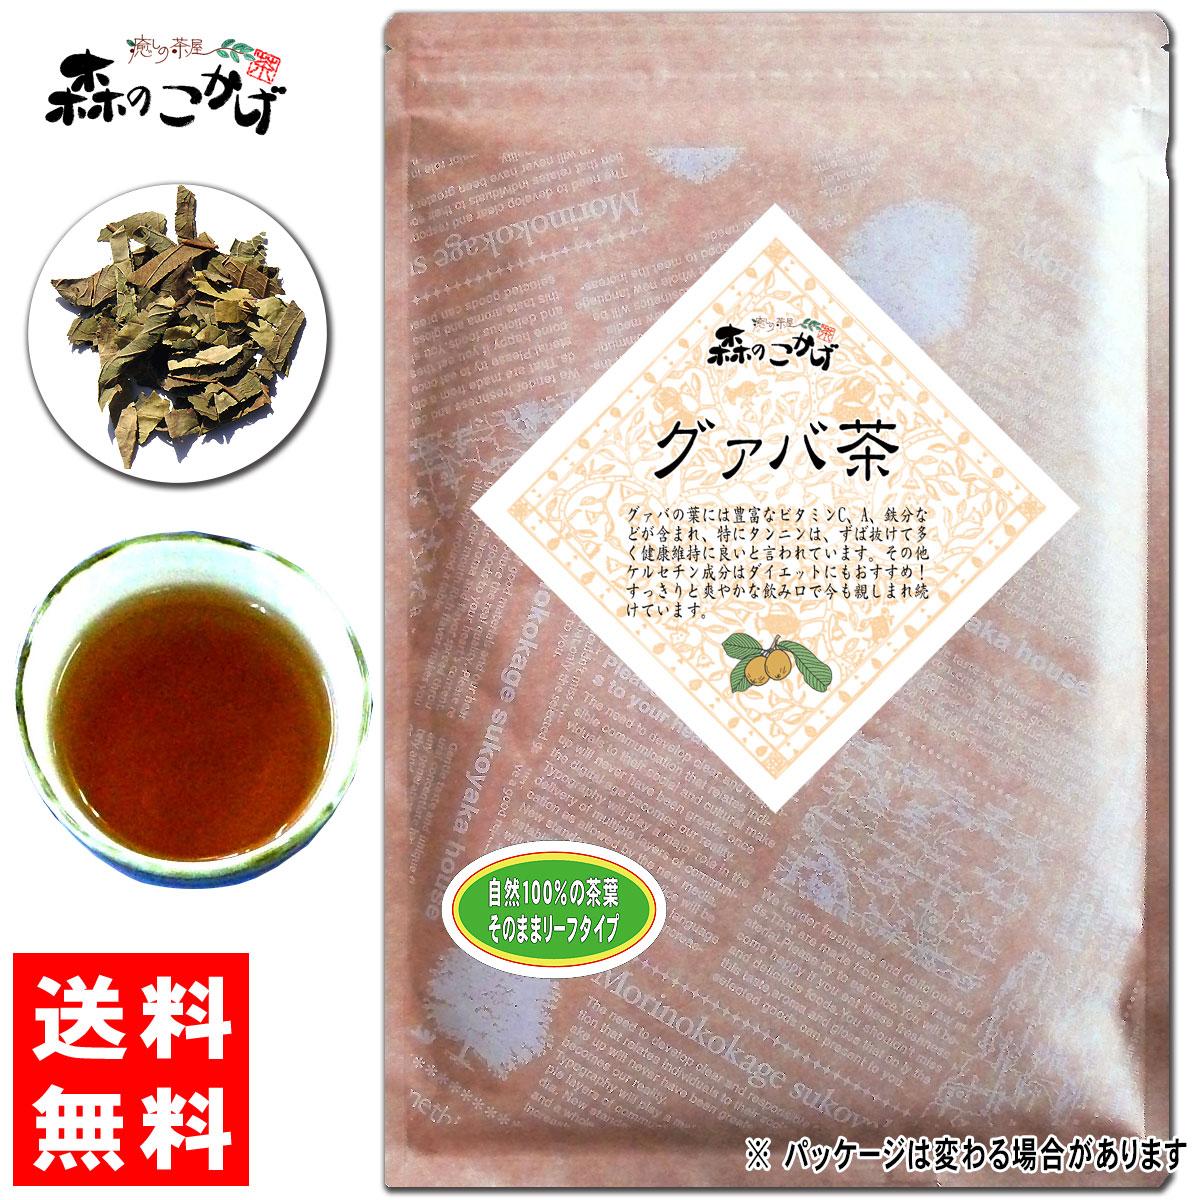 グァバ茶 200g 5 送料無料 茶葉 ≪ガバ茶 100%≫ グアバ茶 今だけ限定15%OFFクーポン発行中 森のこかげ グアヴァ グァバティー 健康茶 ぐわば グヮバ 商舗 健やかハウス